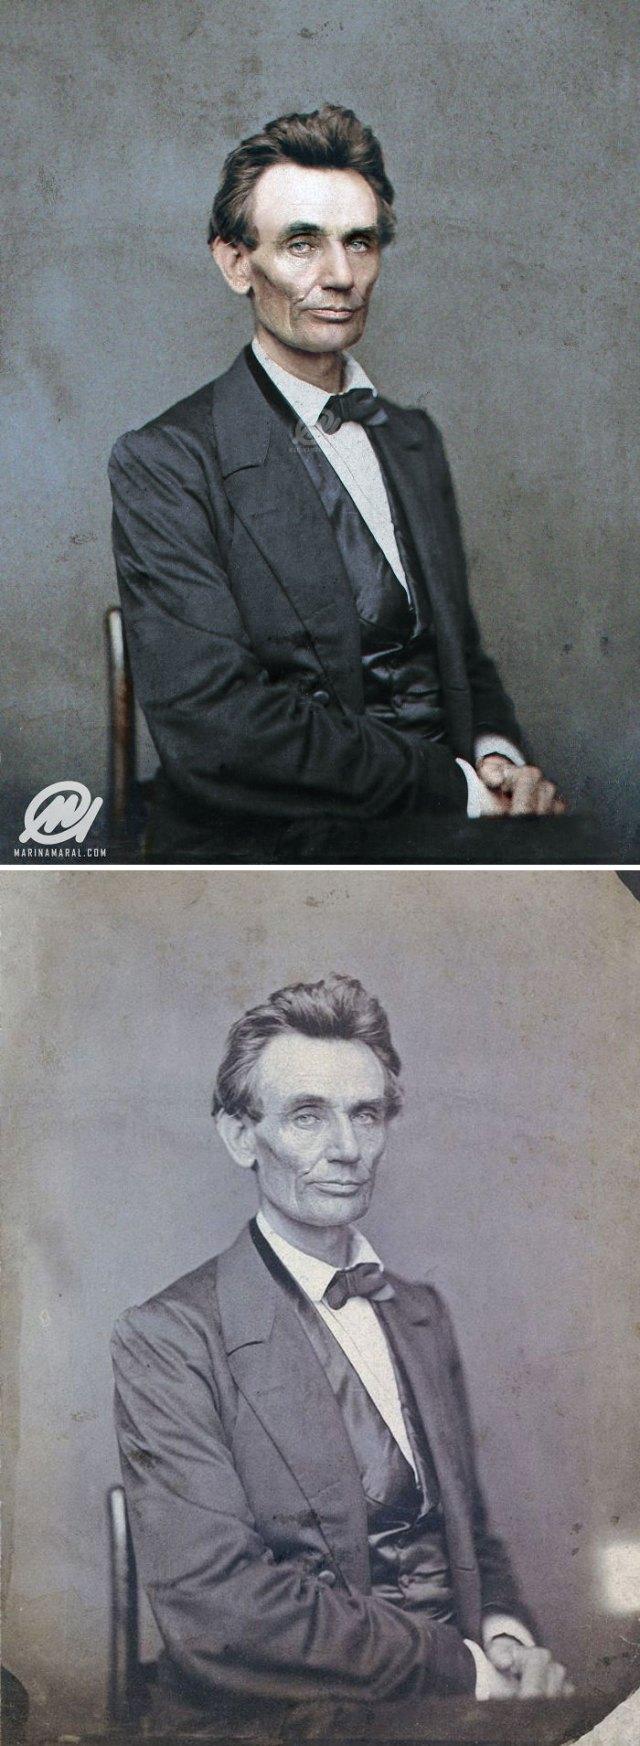 Lincoln, 1860